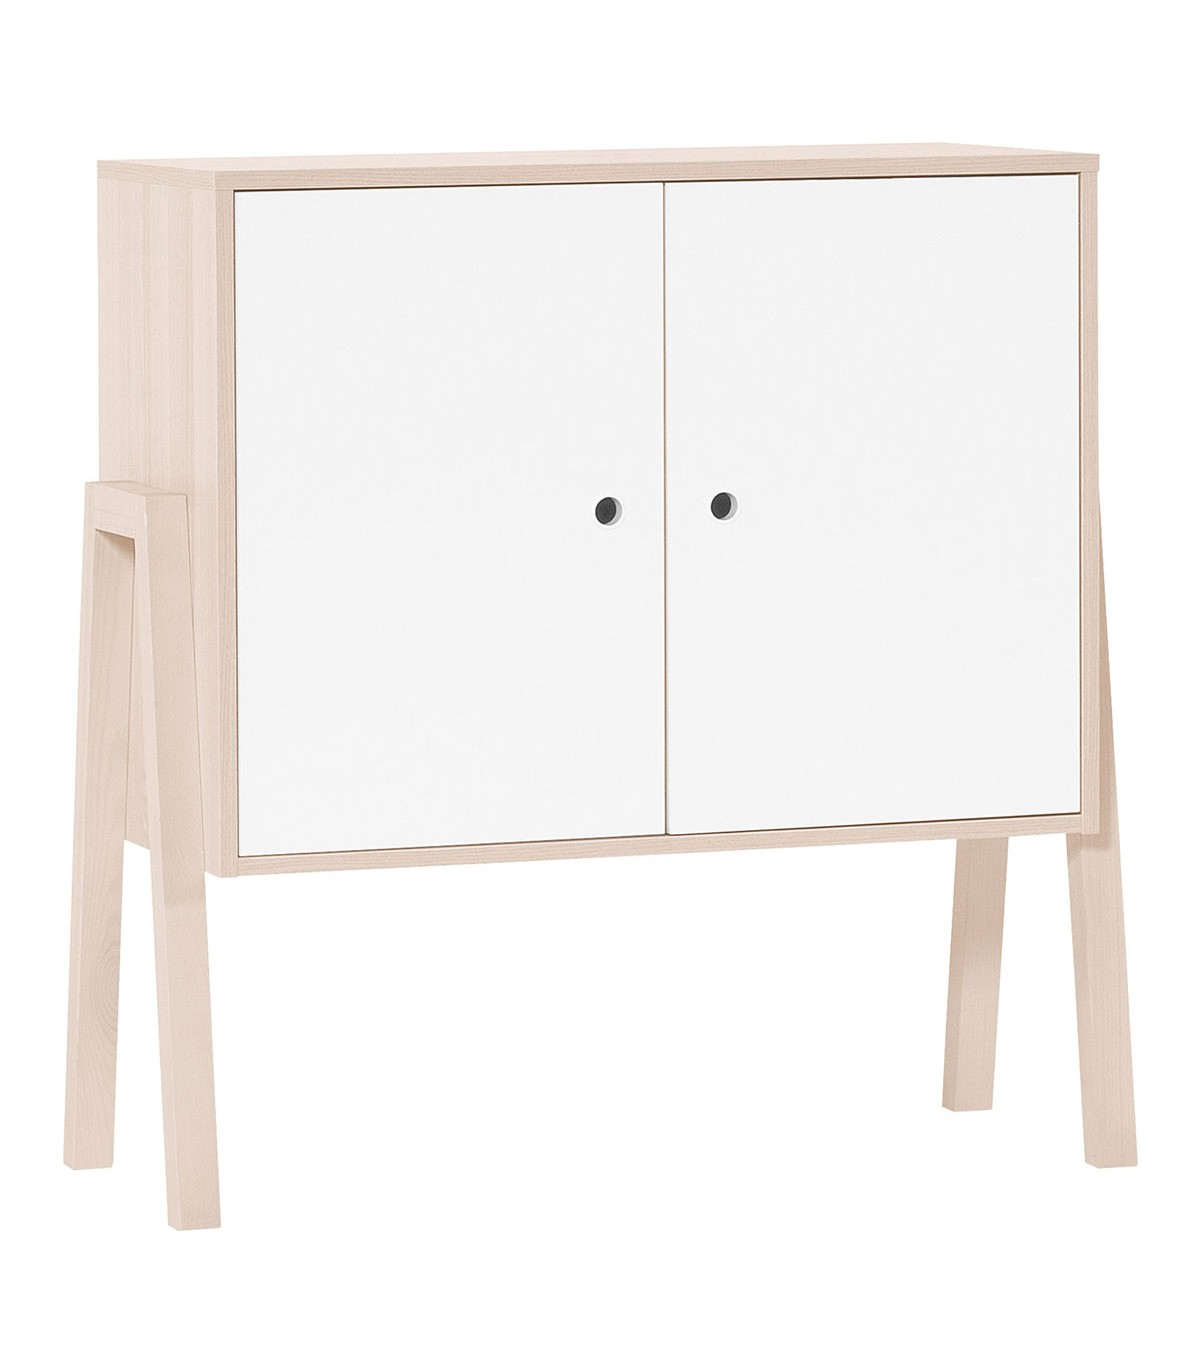 Commode 2 portes 1 étagère intérieure - Blanc et beige